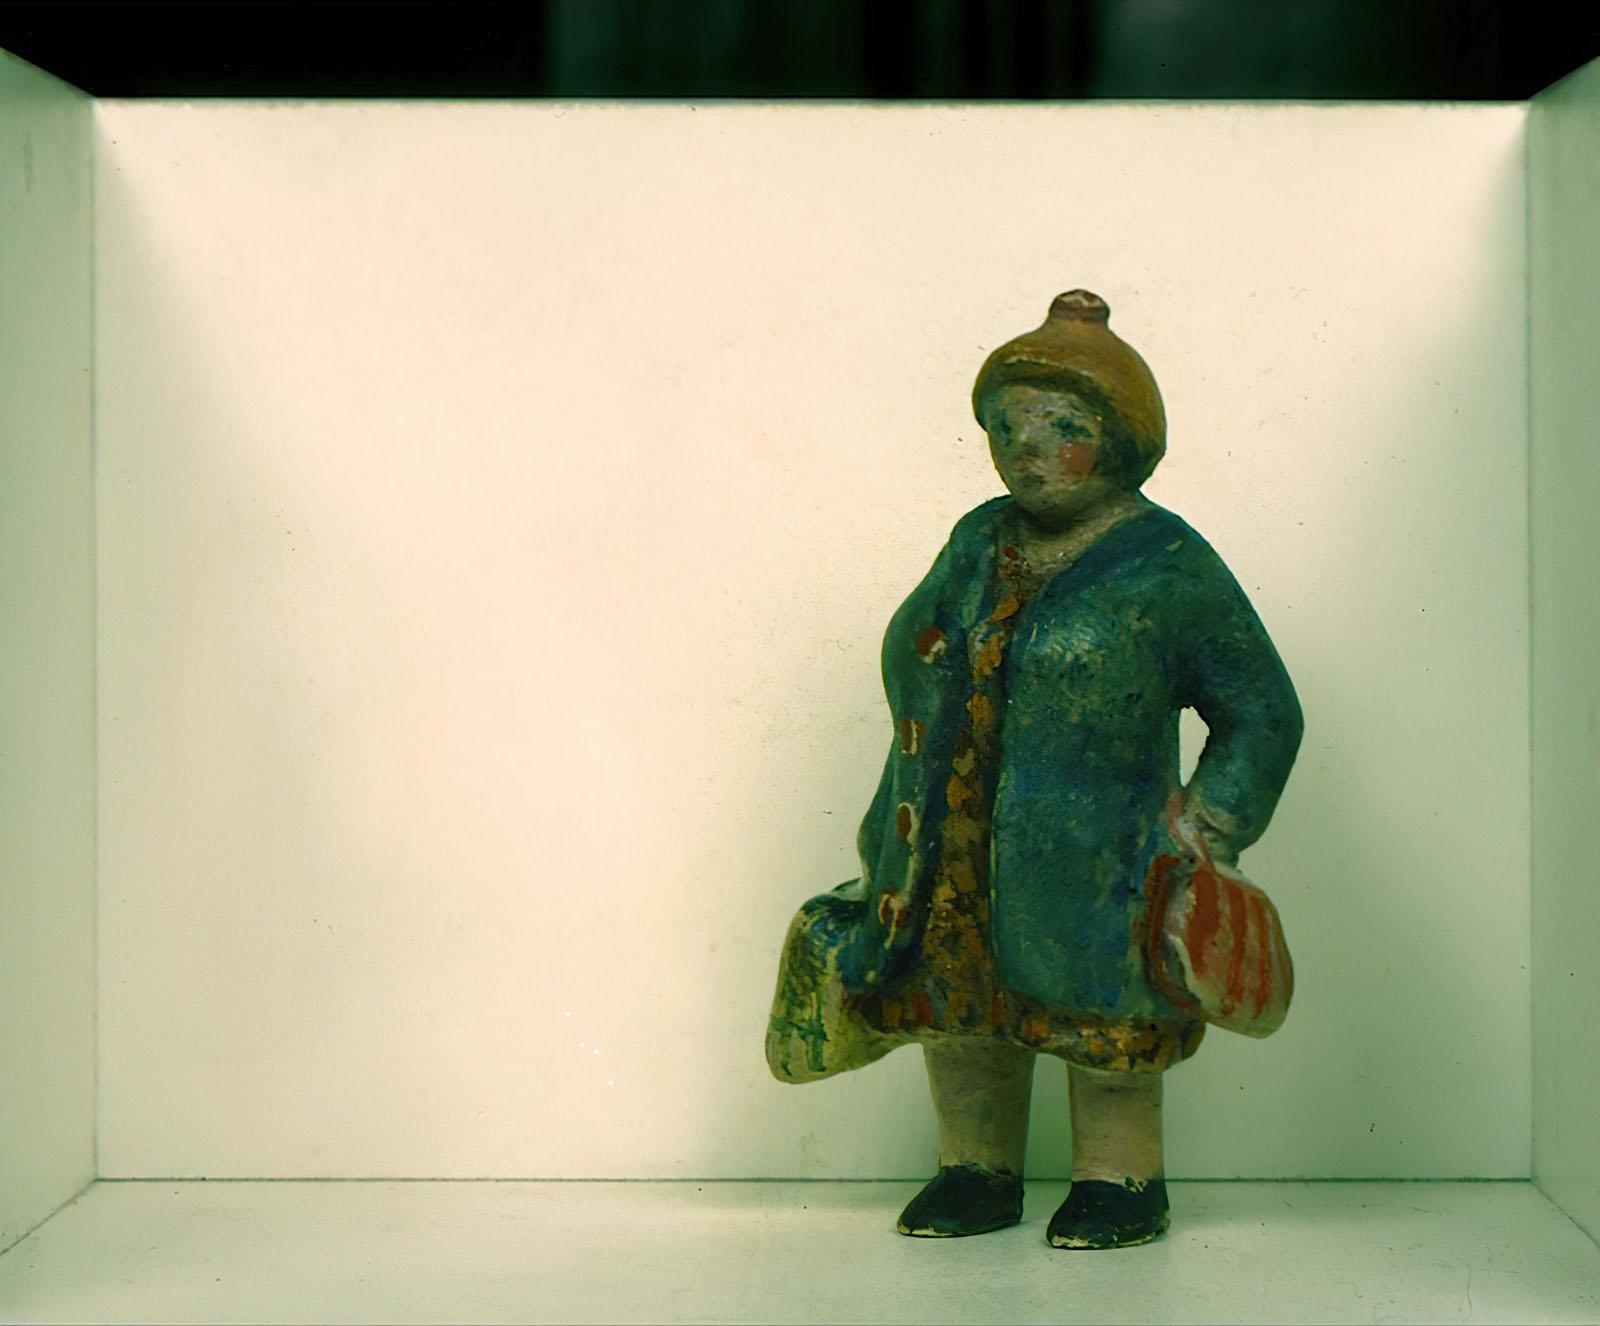 Duane Hanson - Shopping Lady